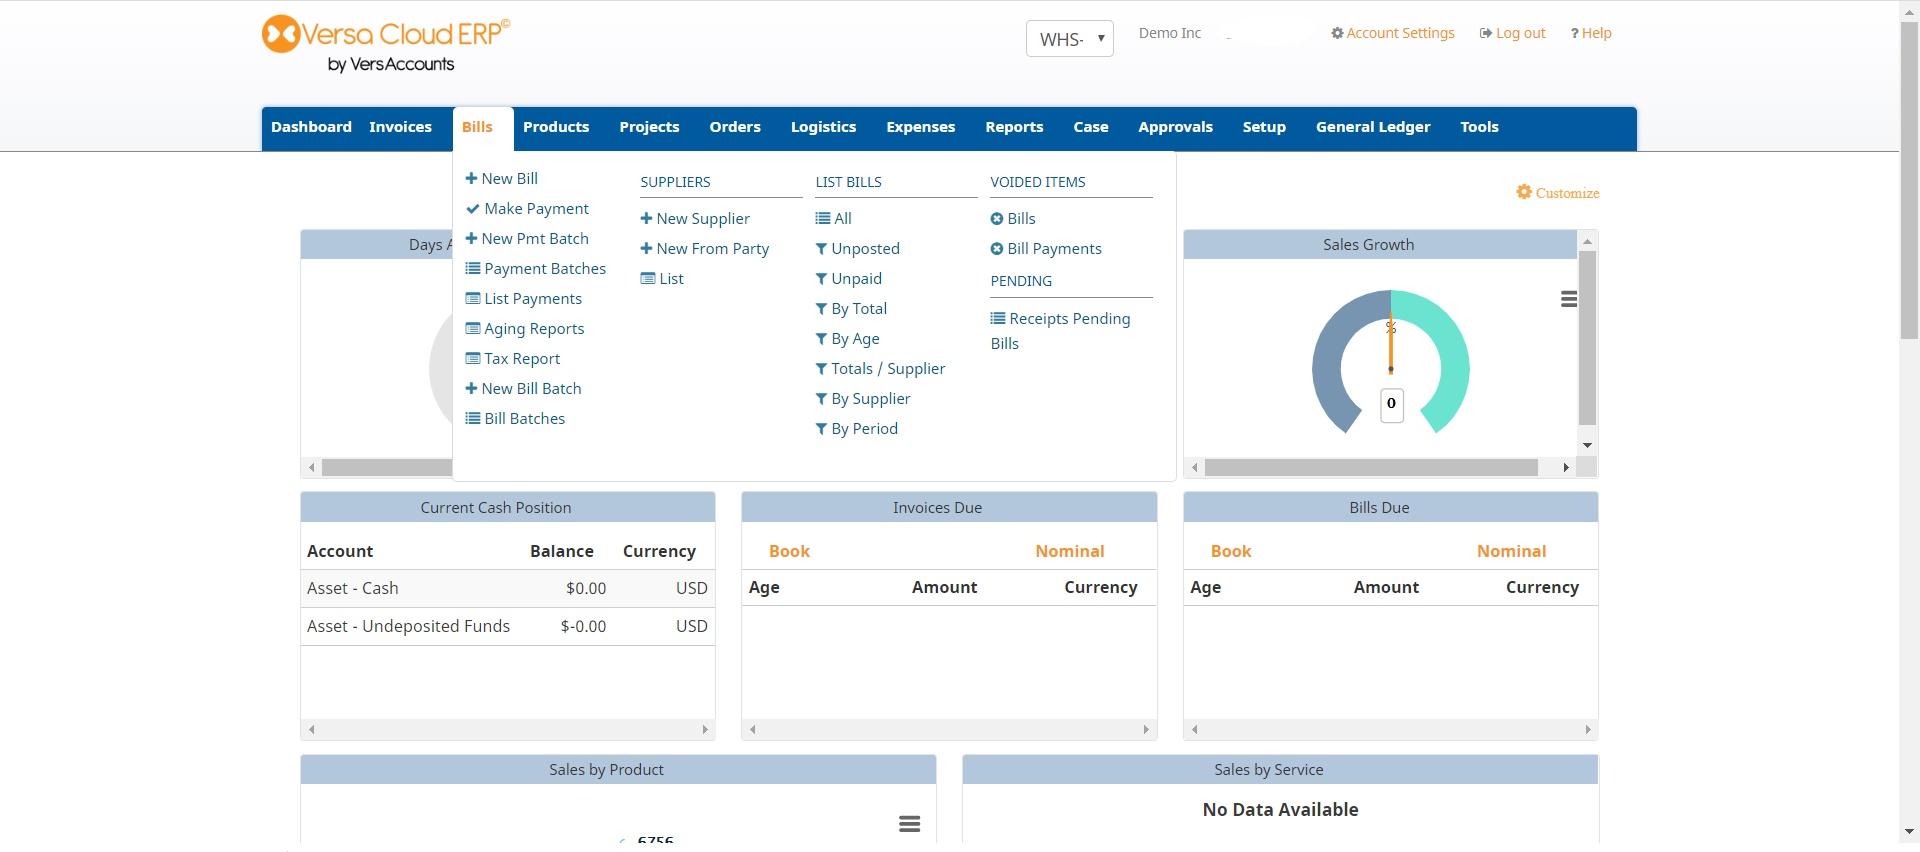 Versa Cloud ERP Software - 2